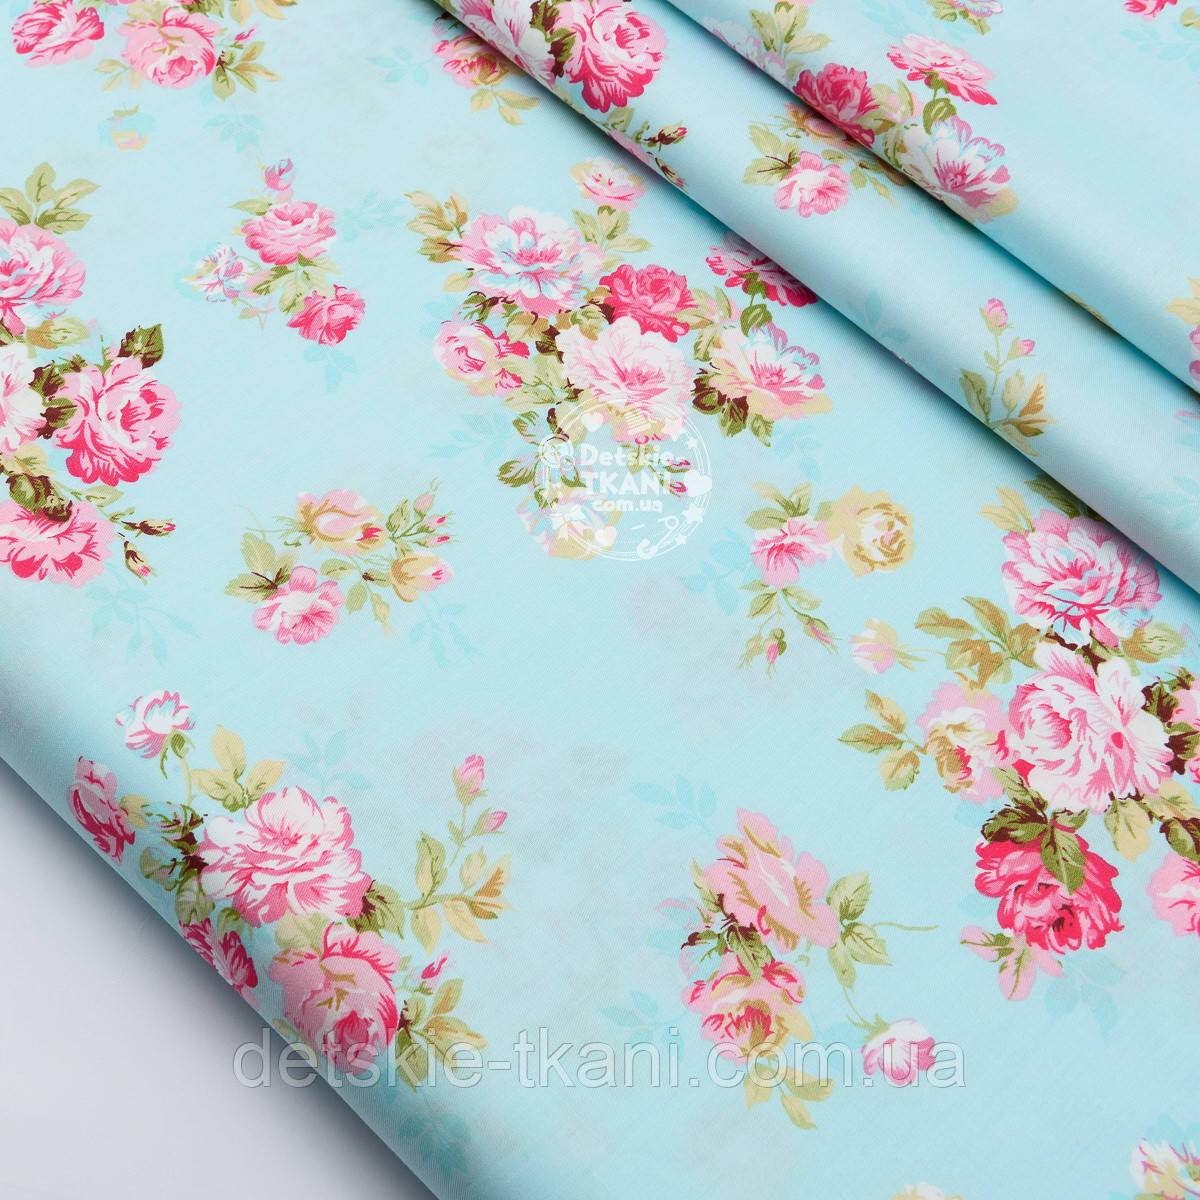 """Сатин ткань """"Розовые розы среднего размера на голубом""""  №1463с"""